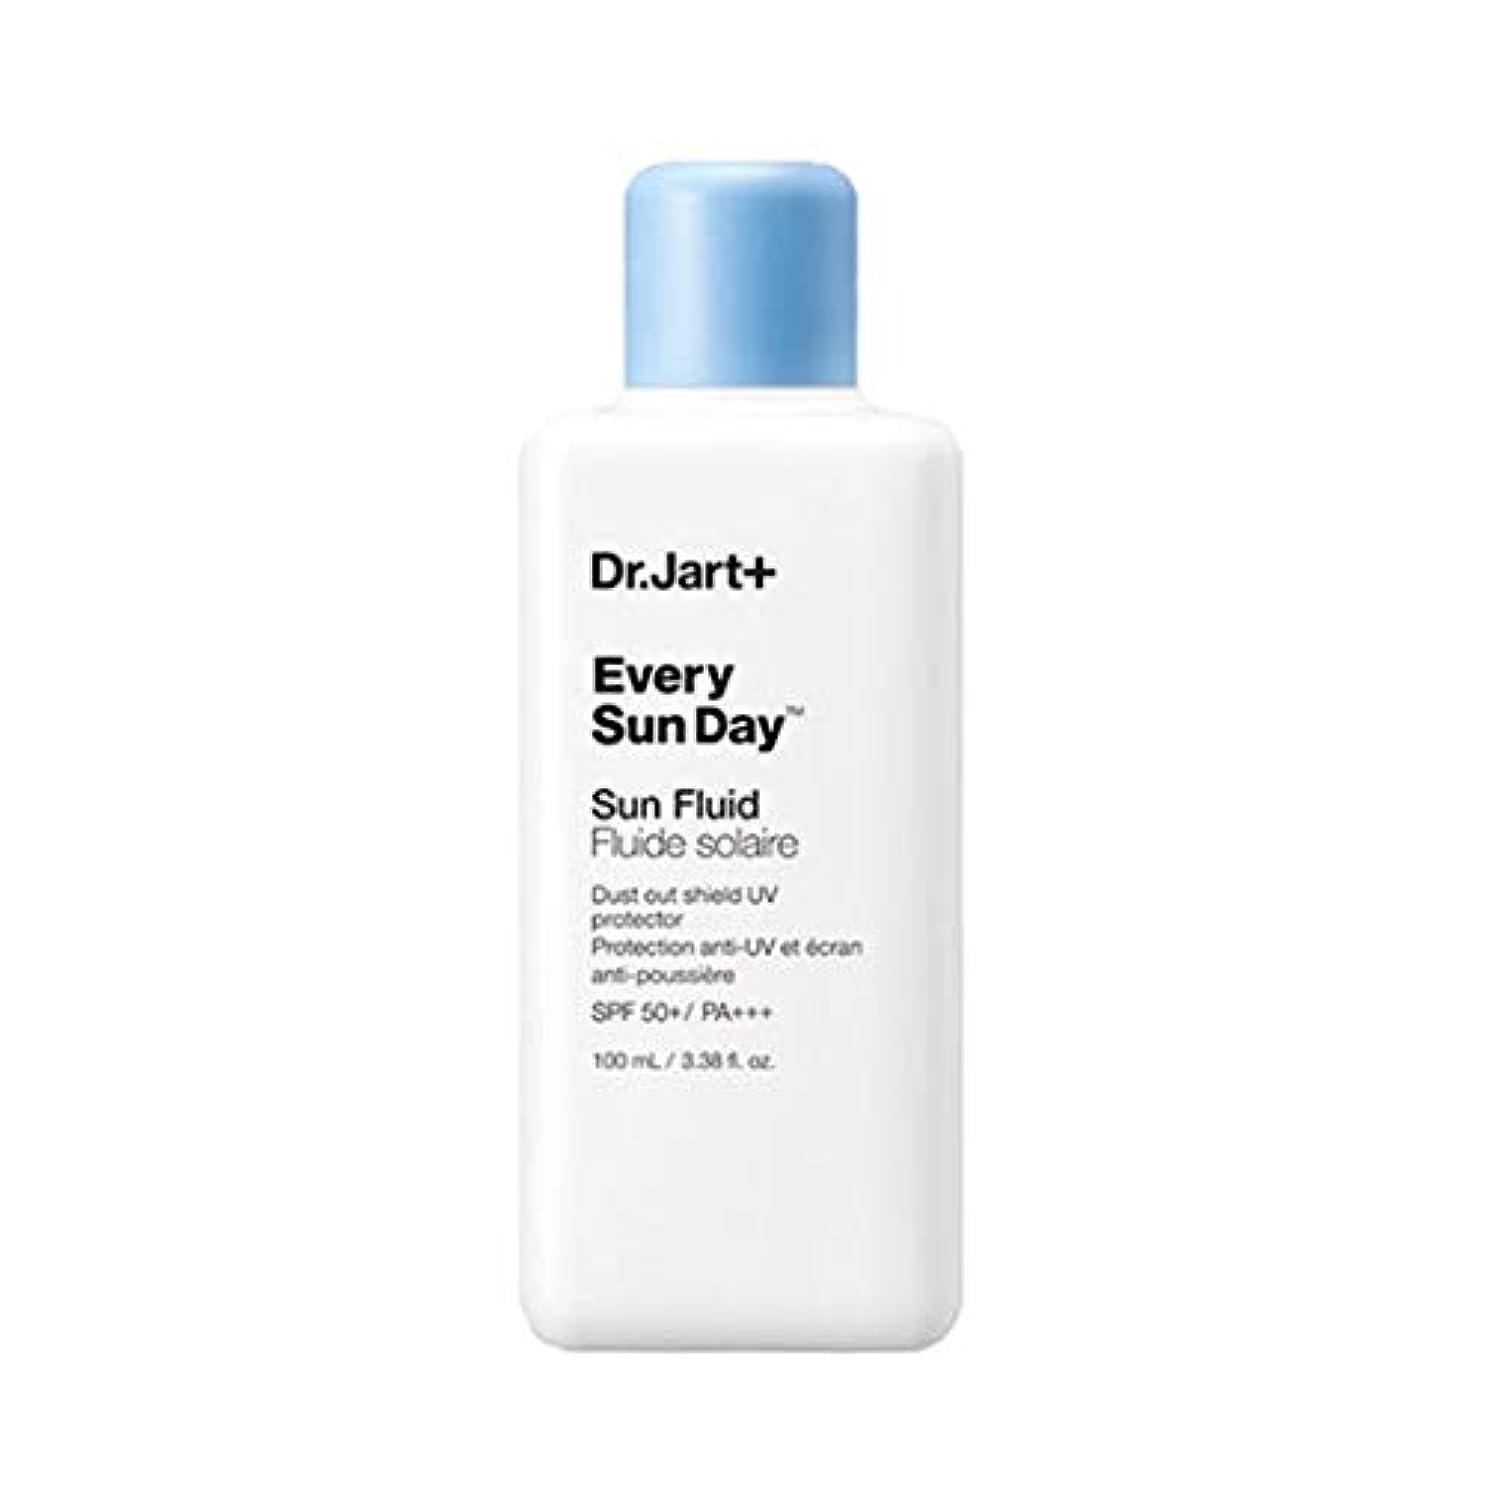 損なう食欲ポンドドクタージャルトゥエヴリサンデーソンプルルイドゥSPF50+PA+++100mlソンクリム、Dr.Jart Every Sun Day Sun Fluid SPF50+ PA+++ 100ml Sun Cream [並行輸入品]